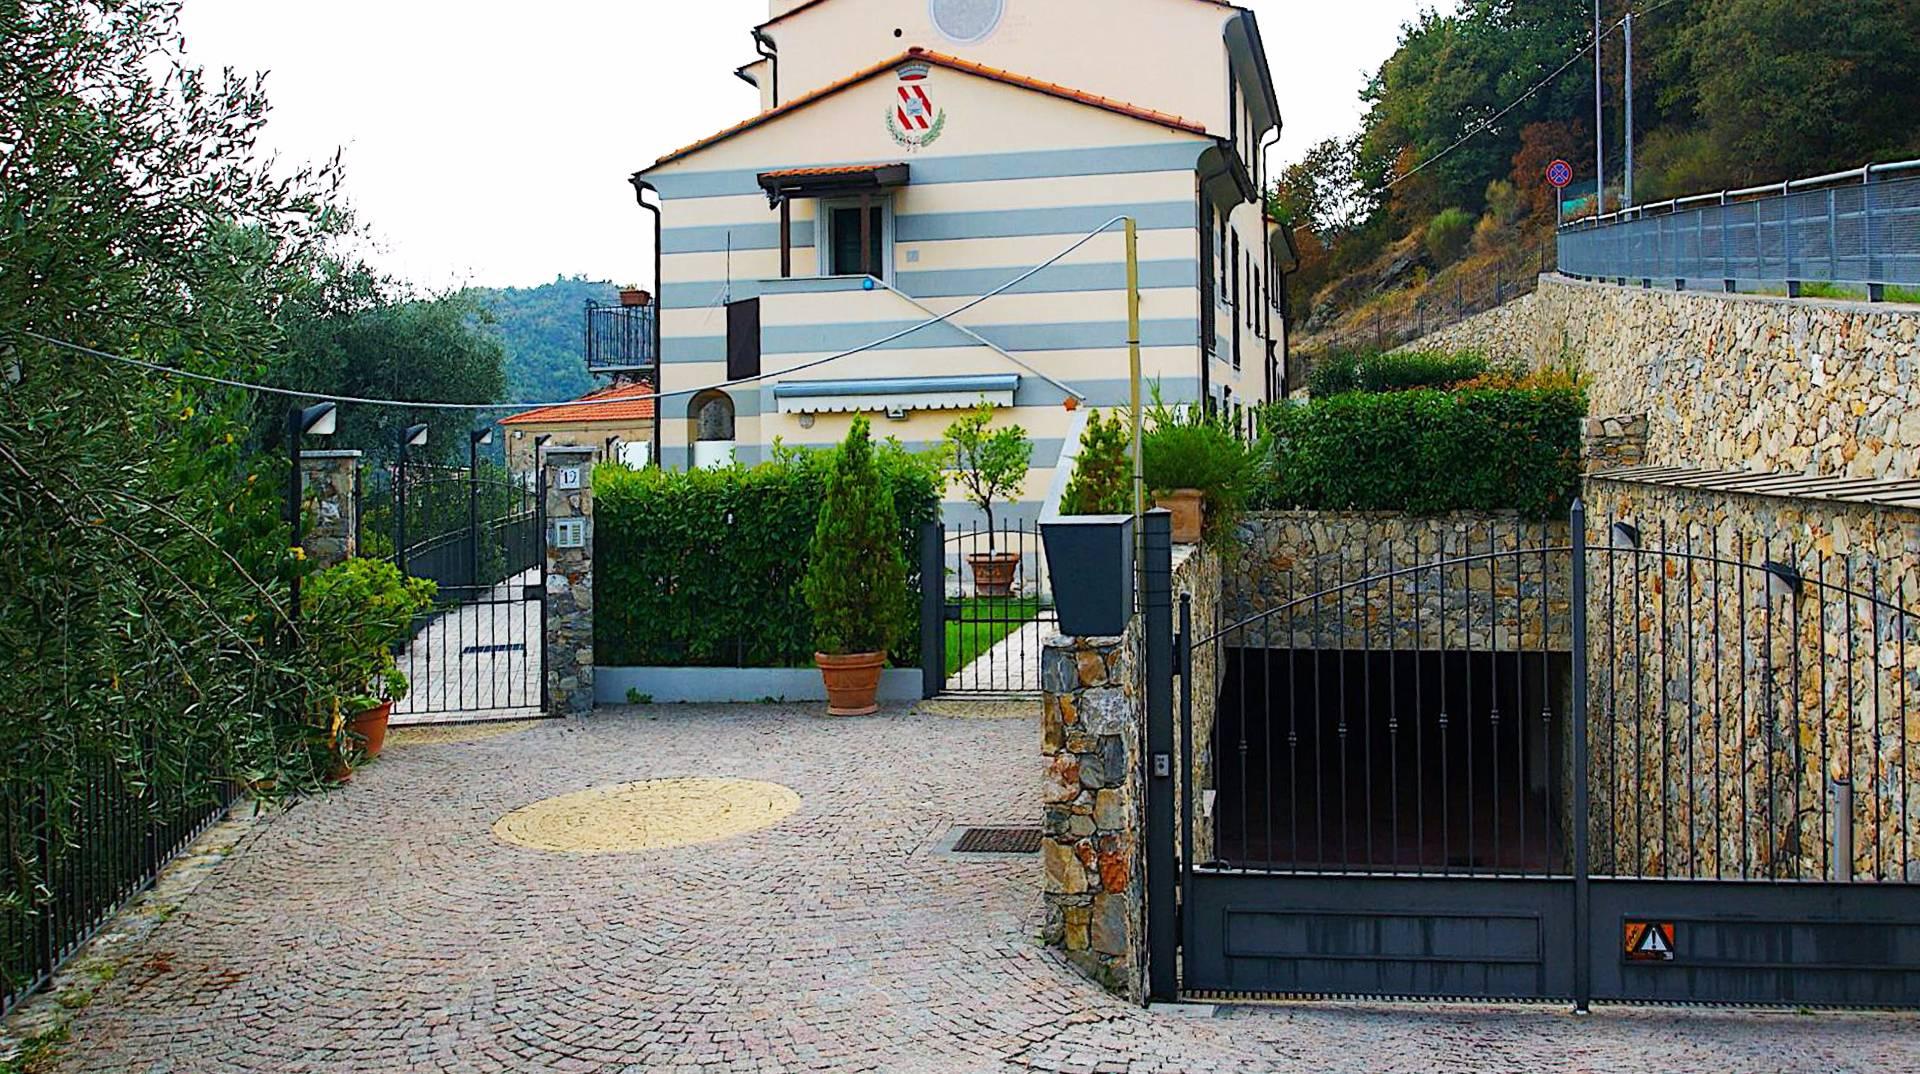 Appartamento in vendita a Magliolo, 2 locali, prezzo € 170.000 | CambioCasa.it